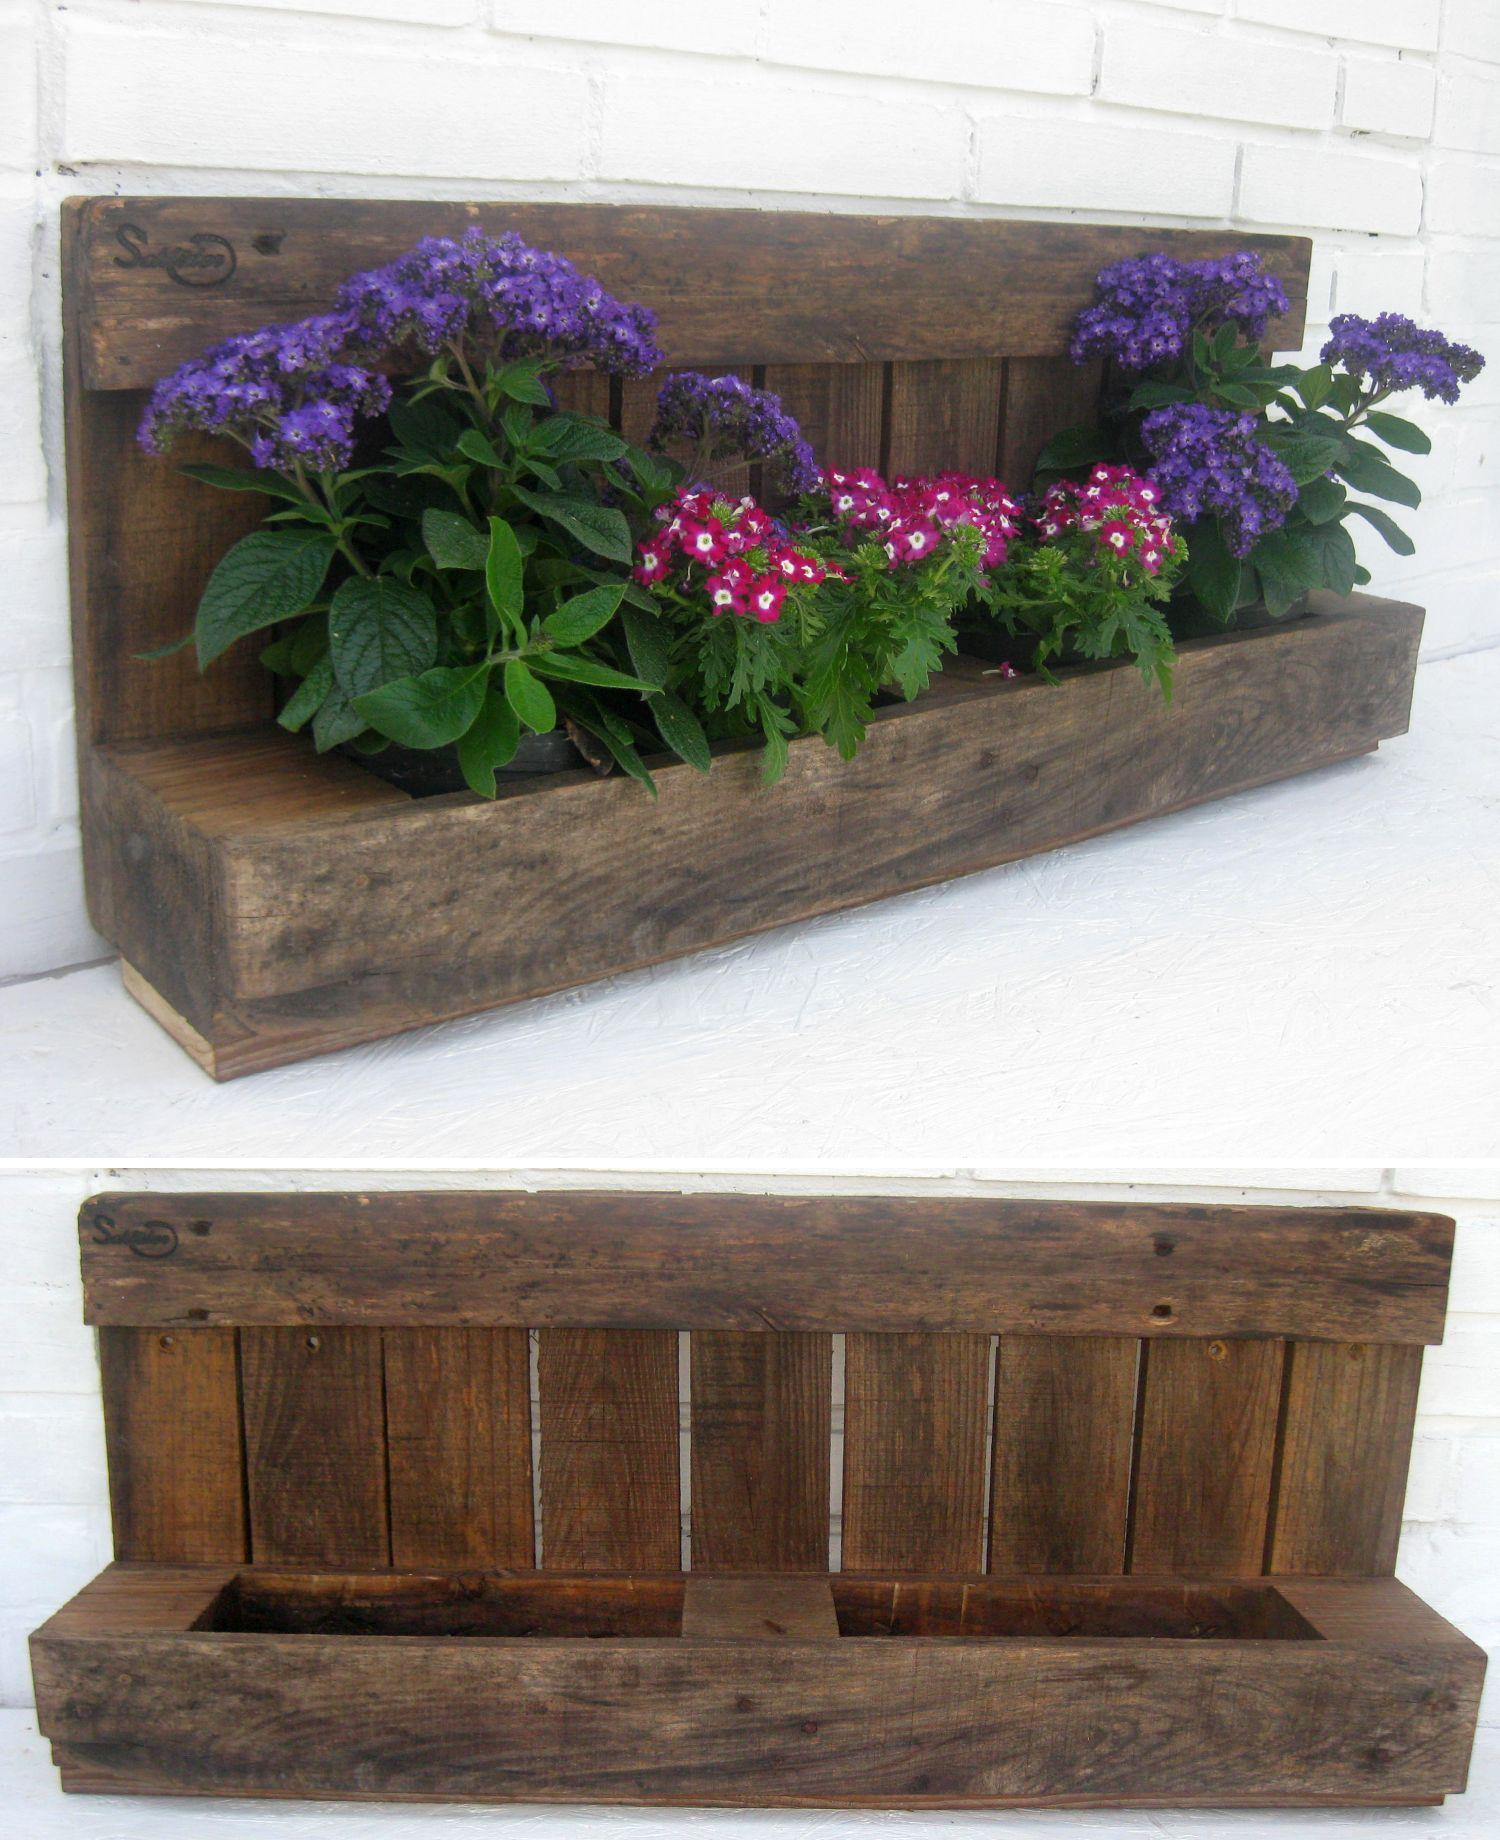 Palettenholzregal als Gartendekoration mit Blumen, Deko Idee für den Garten